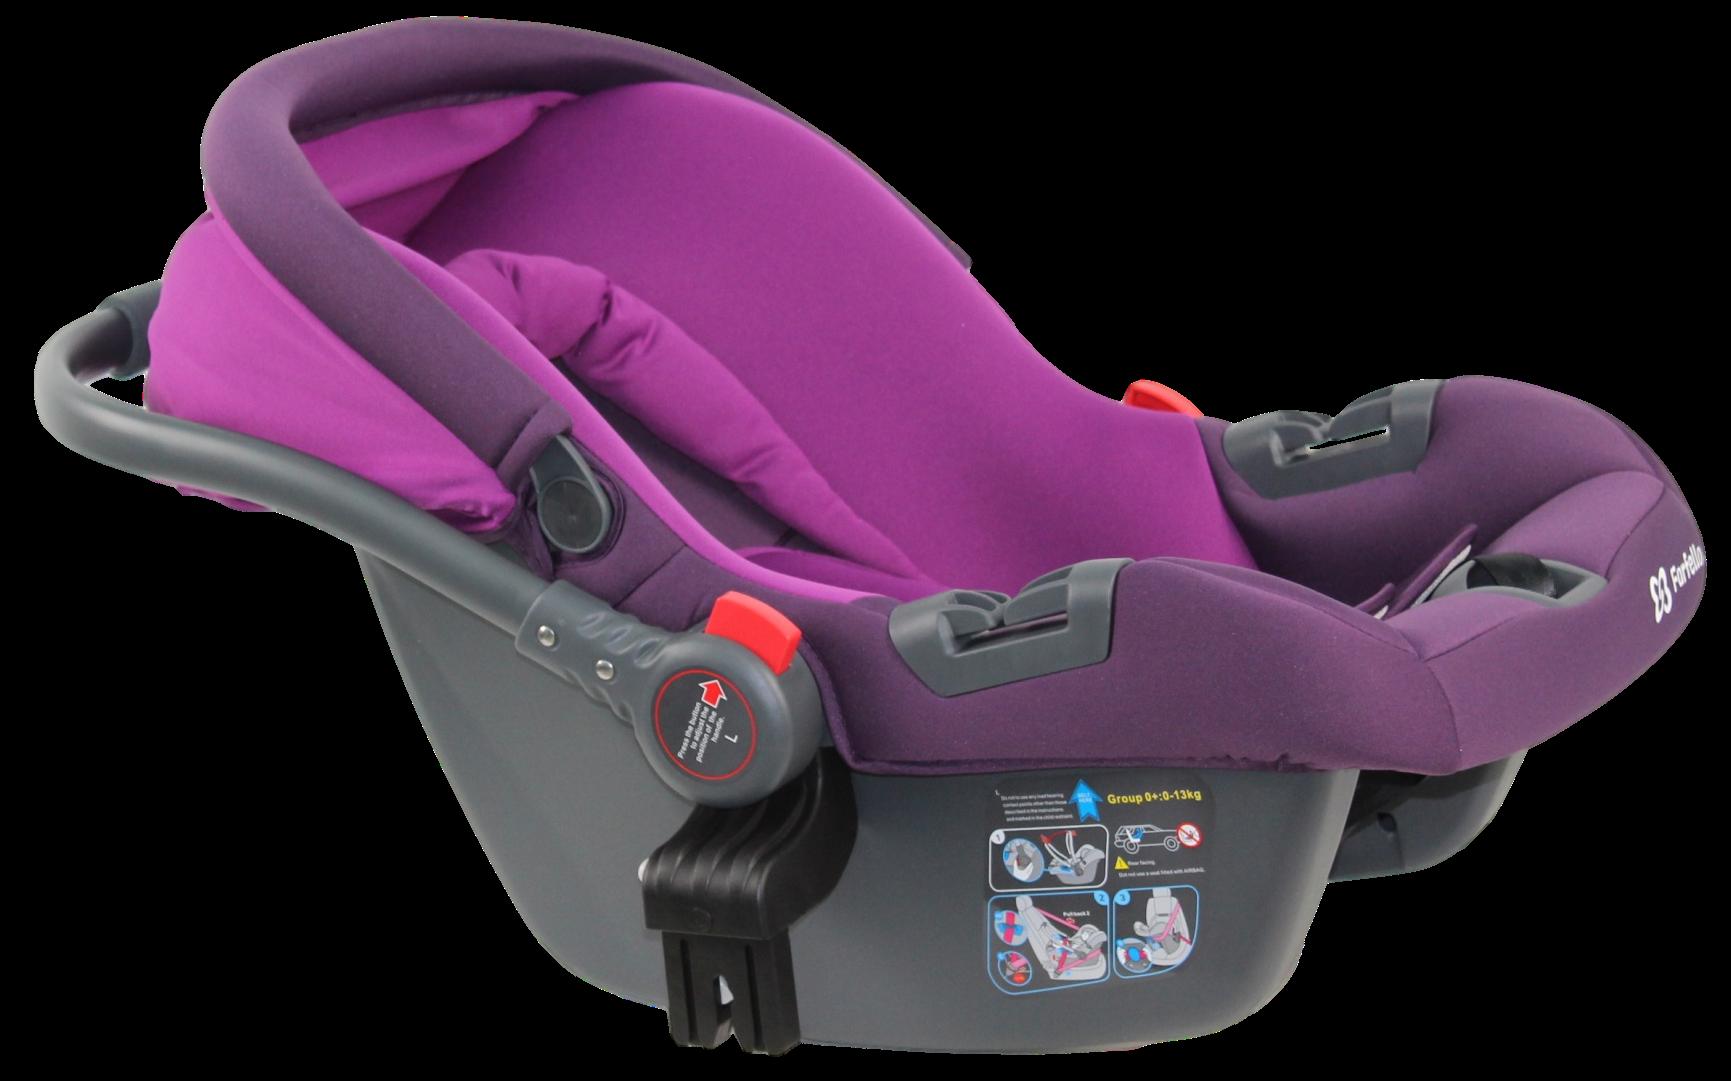 Автокресло детское Farfello, цв. фиолетовый KS-2150 ap